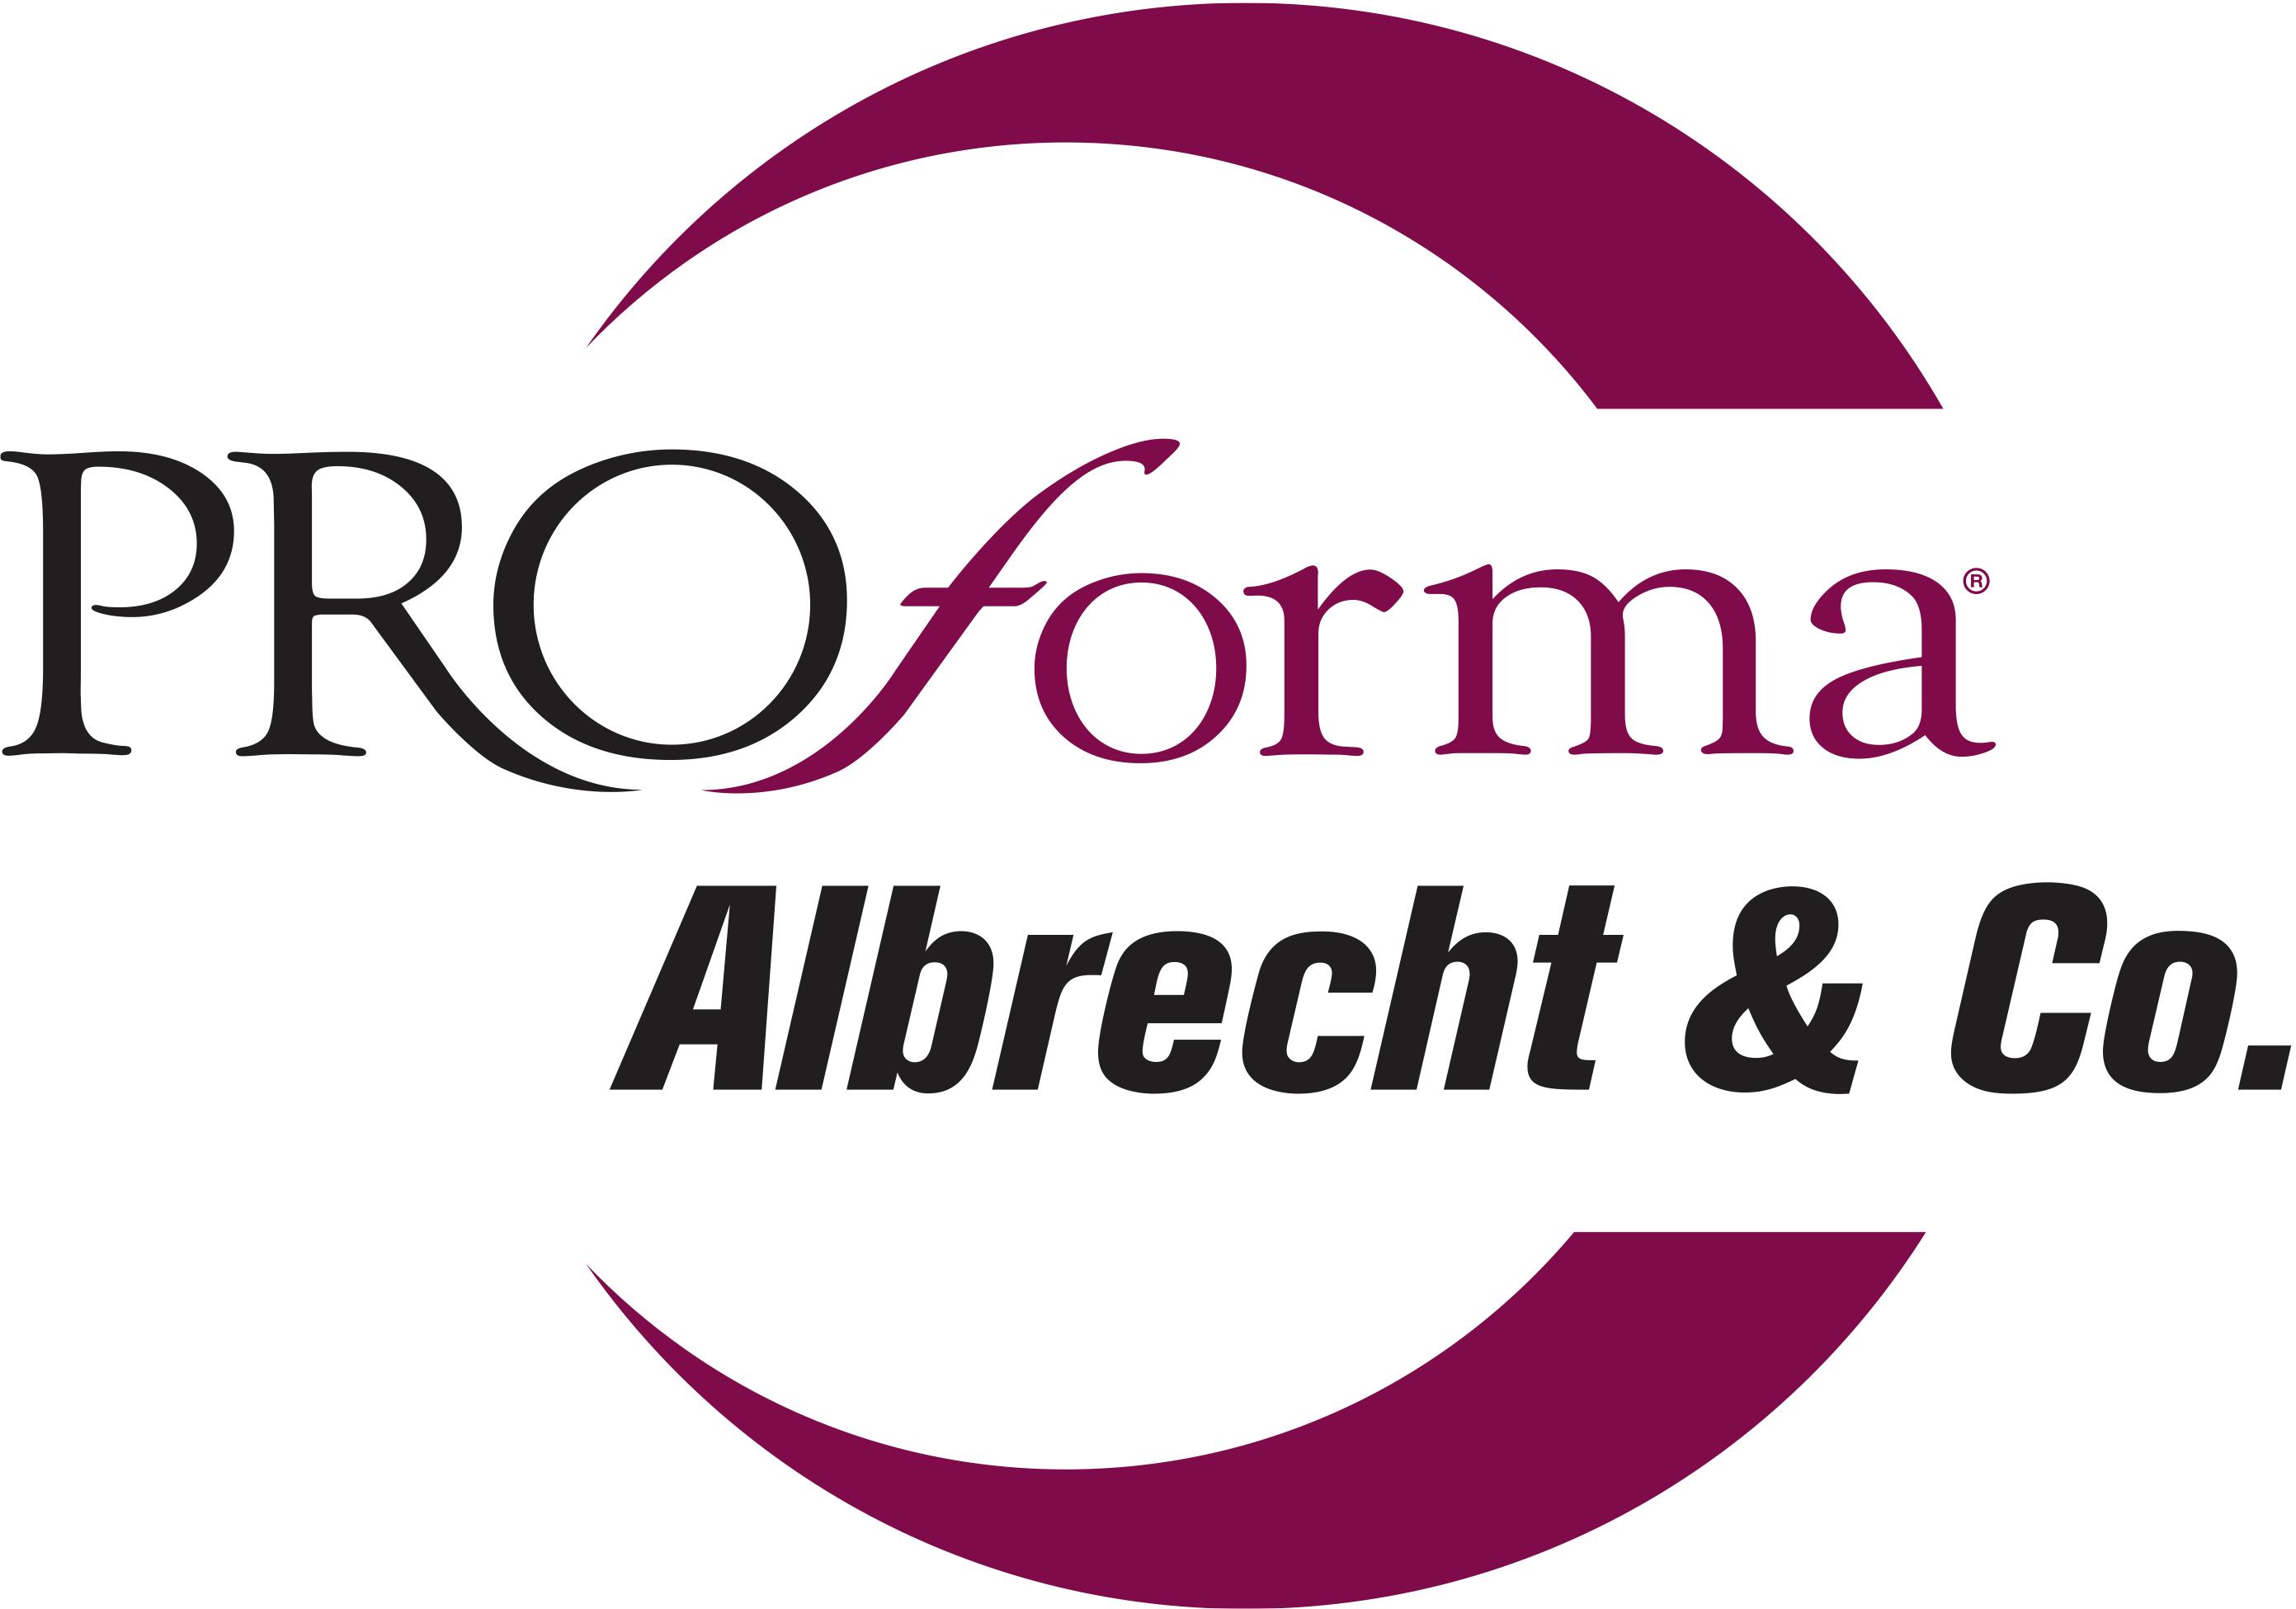 Proforma Albrecht Co.